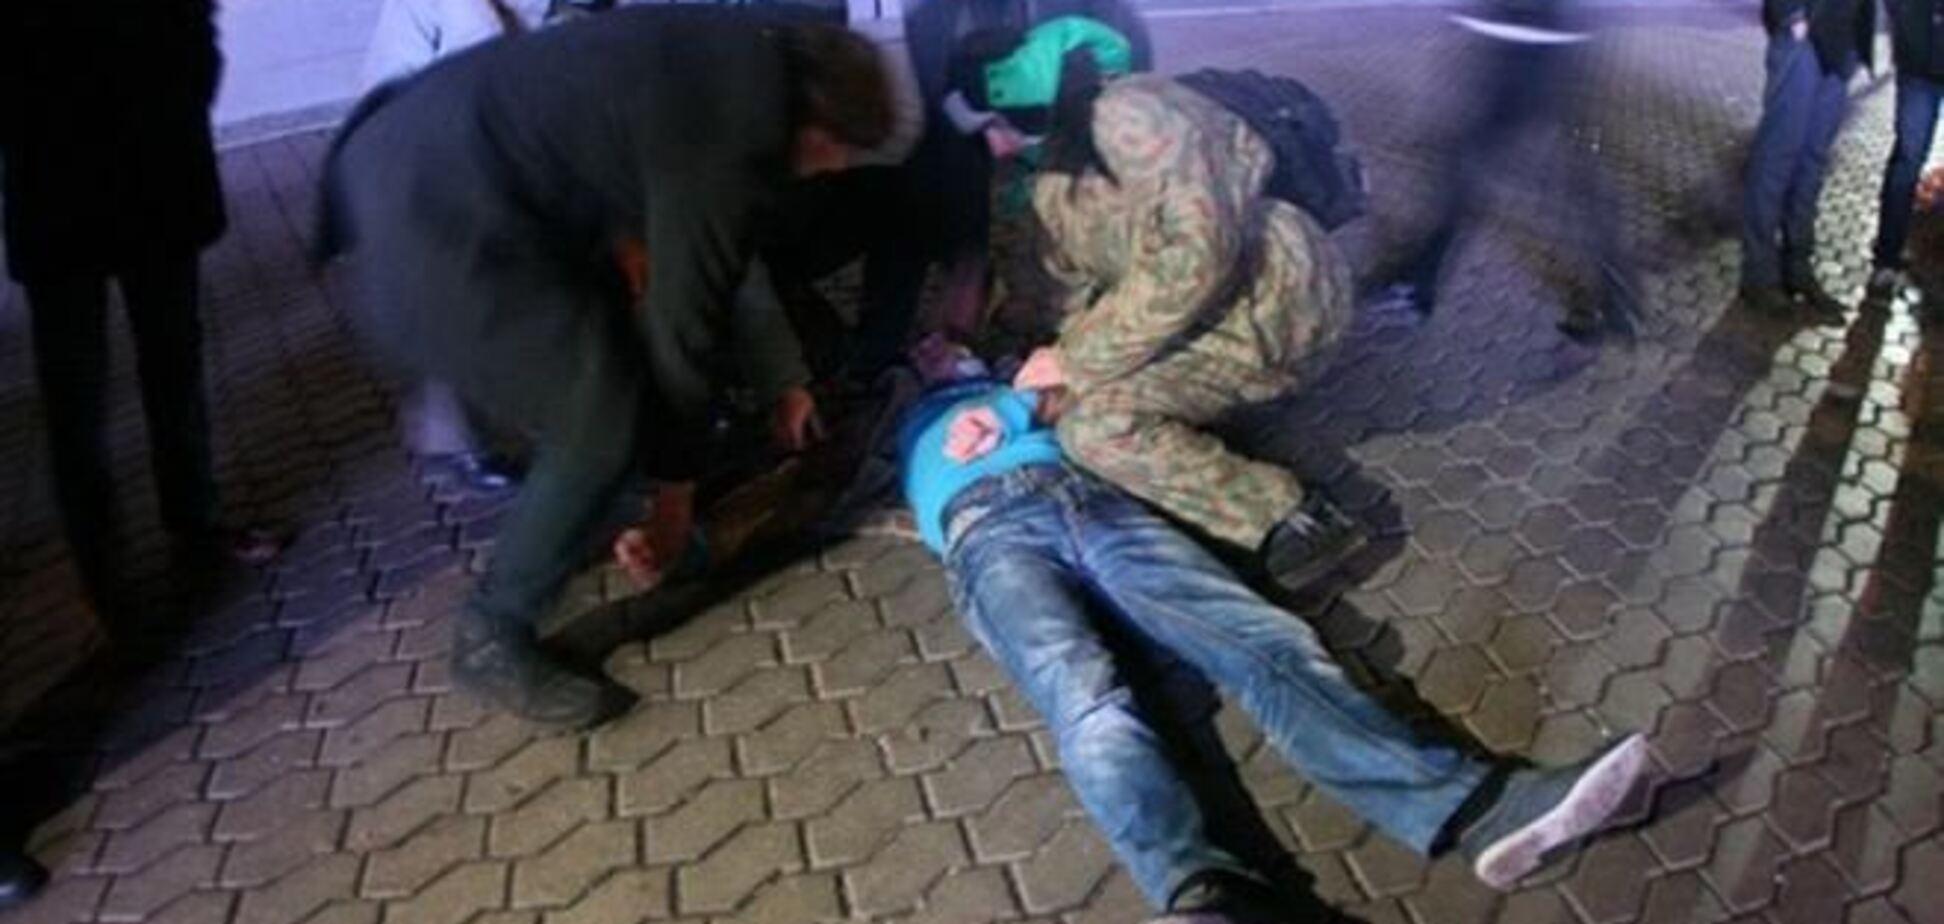 Чечетов заявил, что ночью на Майдане ничего не произошло: главное каток и елка